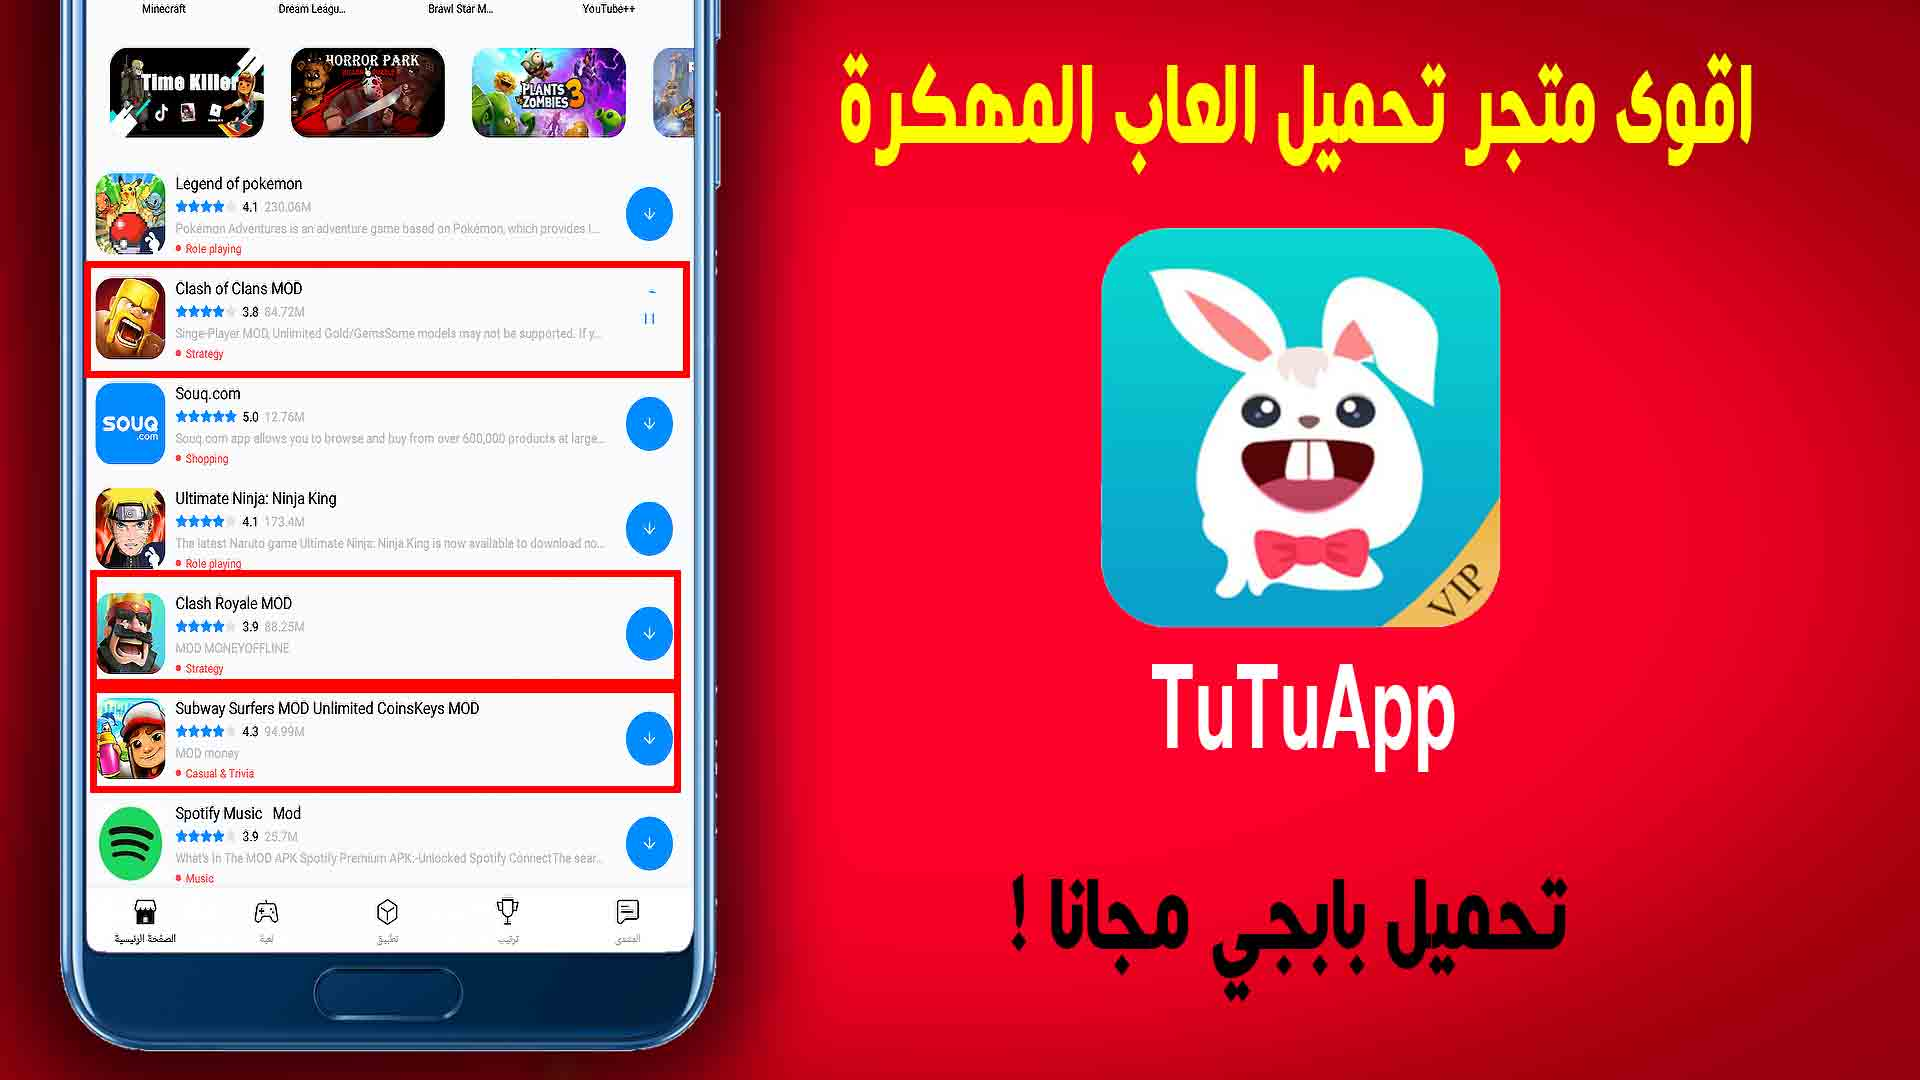 TuTuApp متجر تحميل العاب مهكرة 2020 للاندرويد